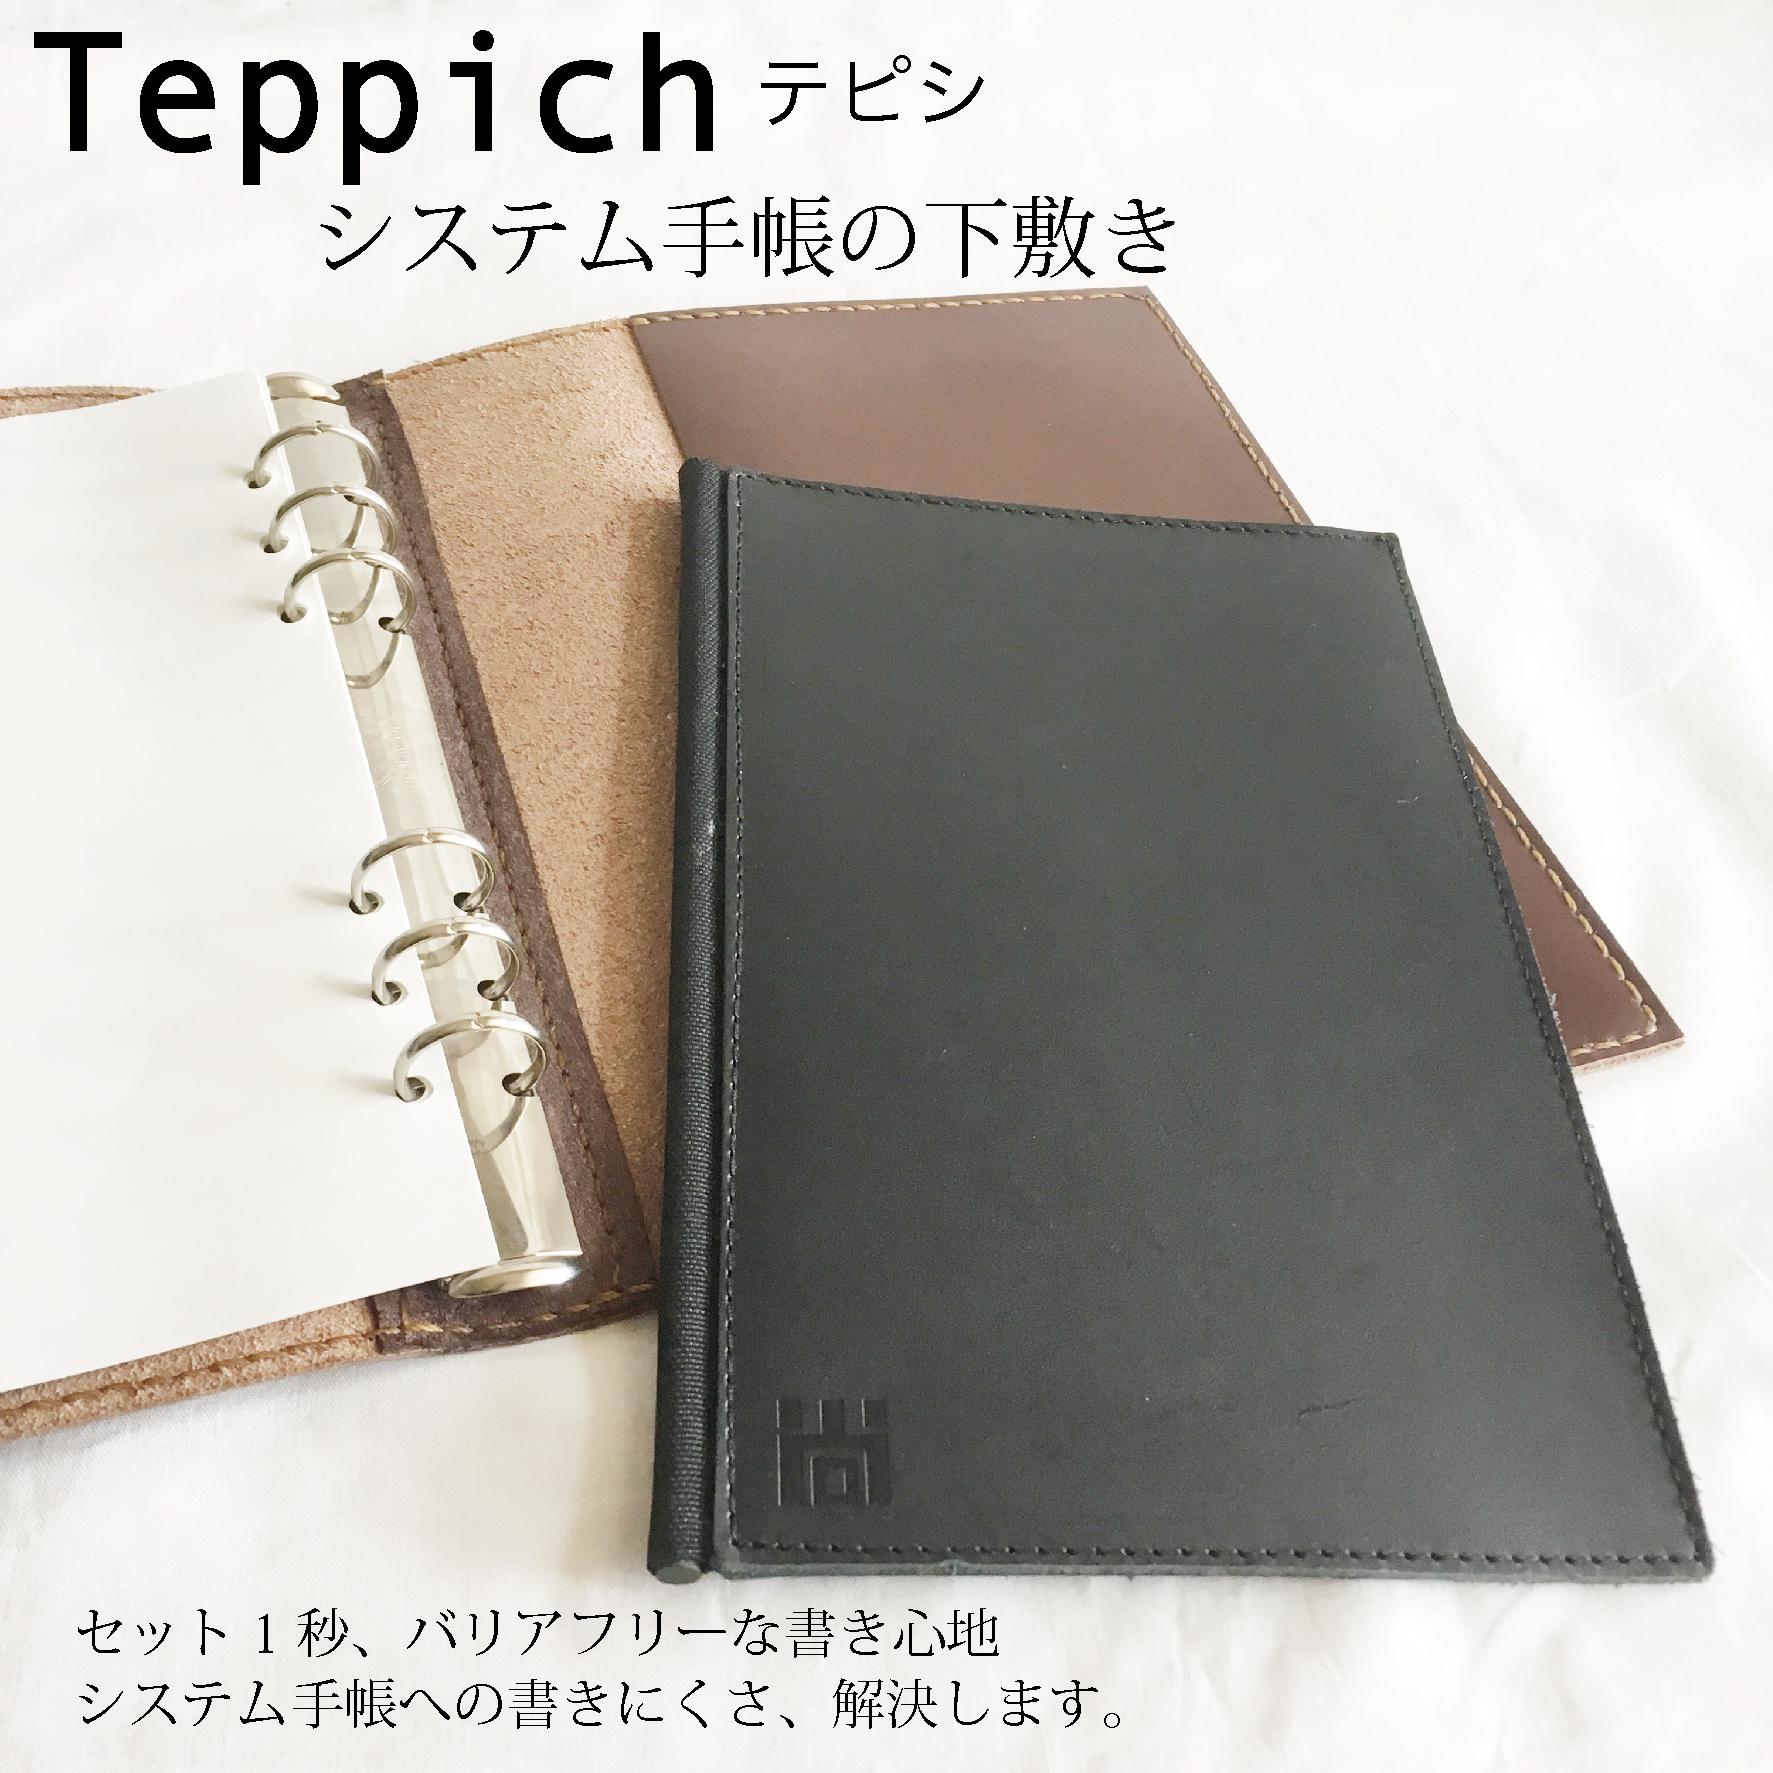 Teppich テピシ A5サイズ